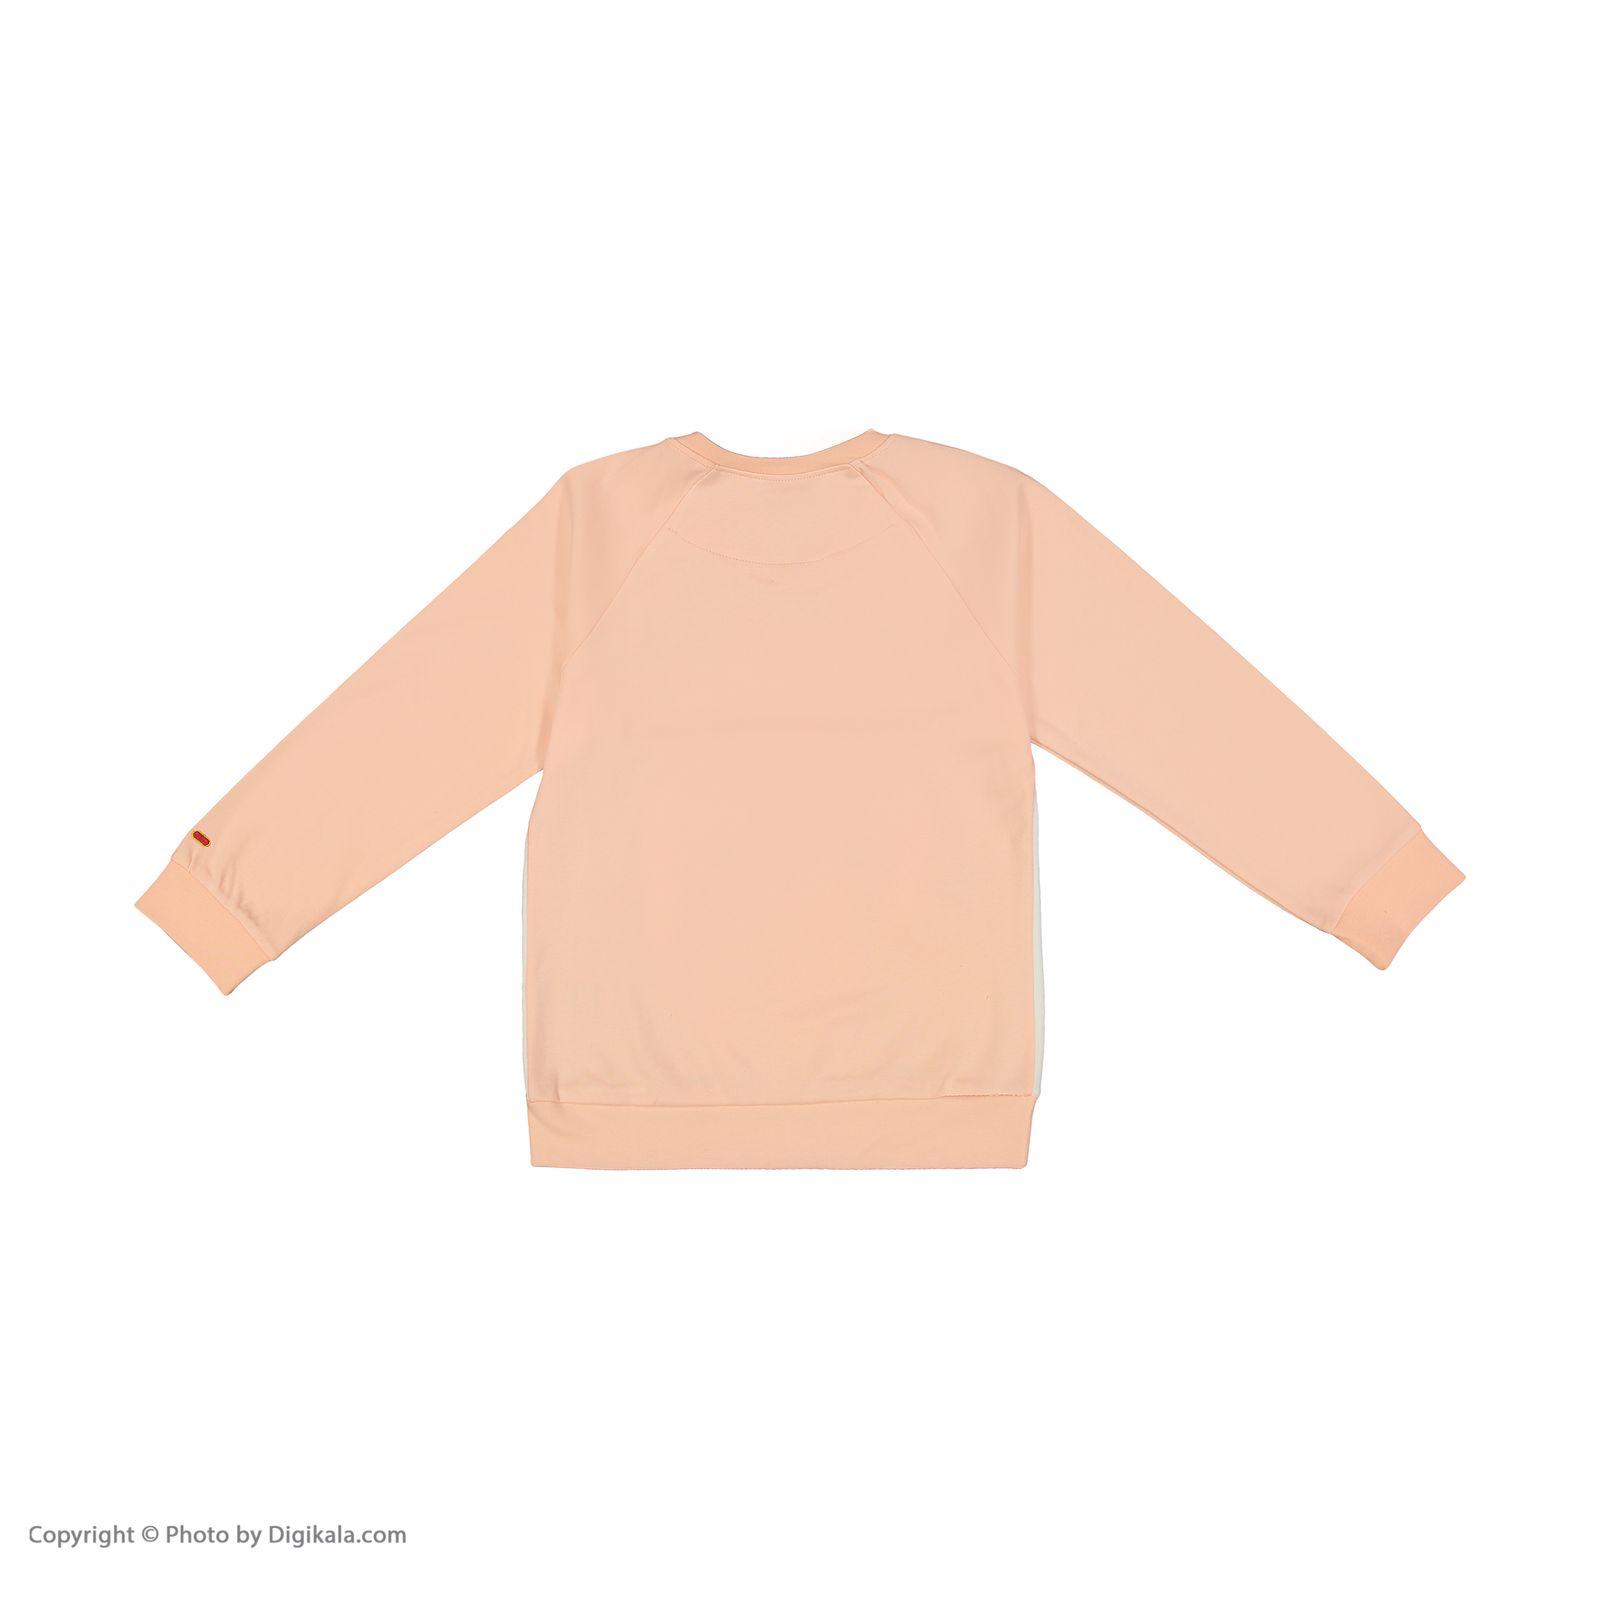 ست تی شرت و شلوار دخترانه مادر مدل 304-80 main 1 5